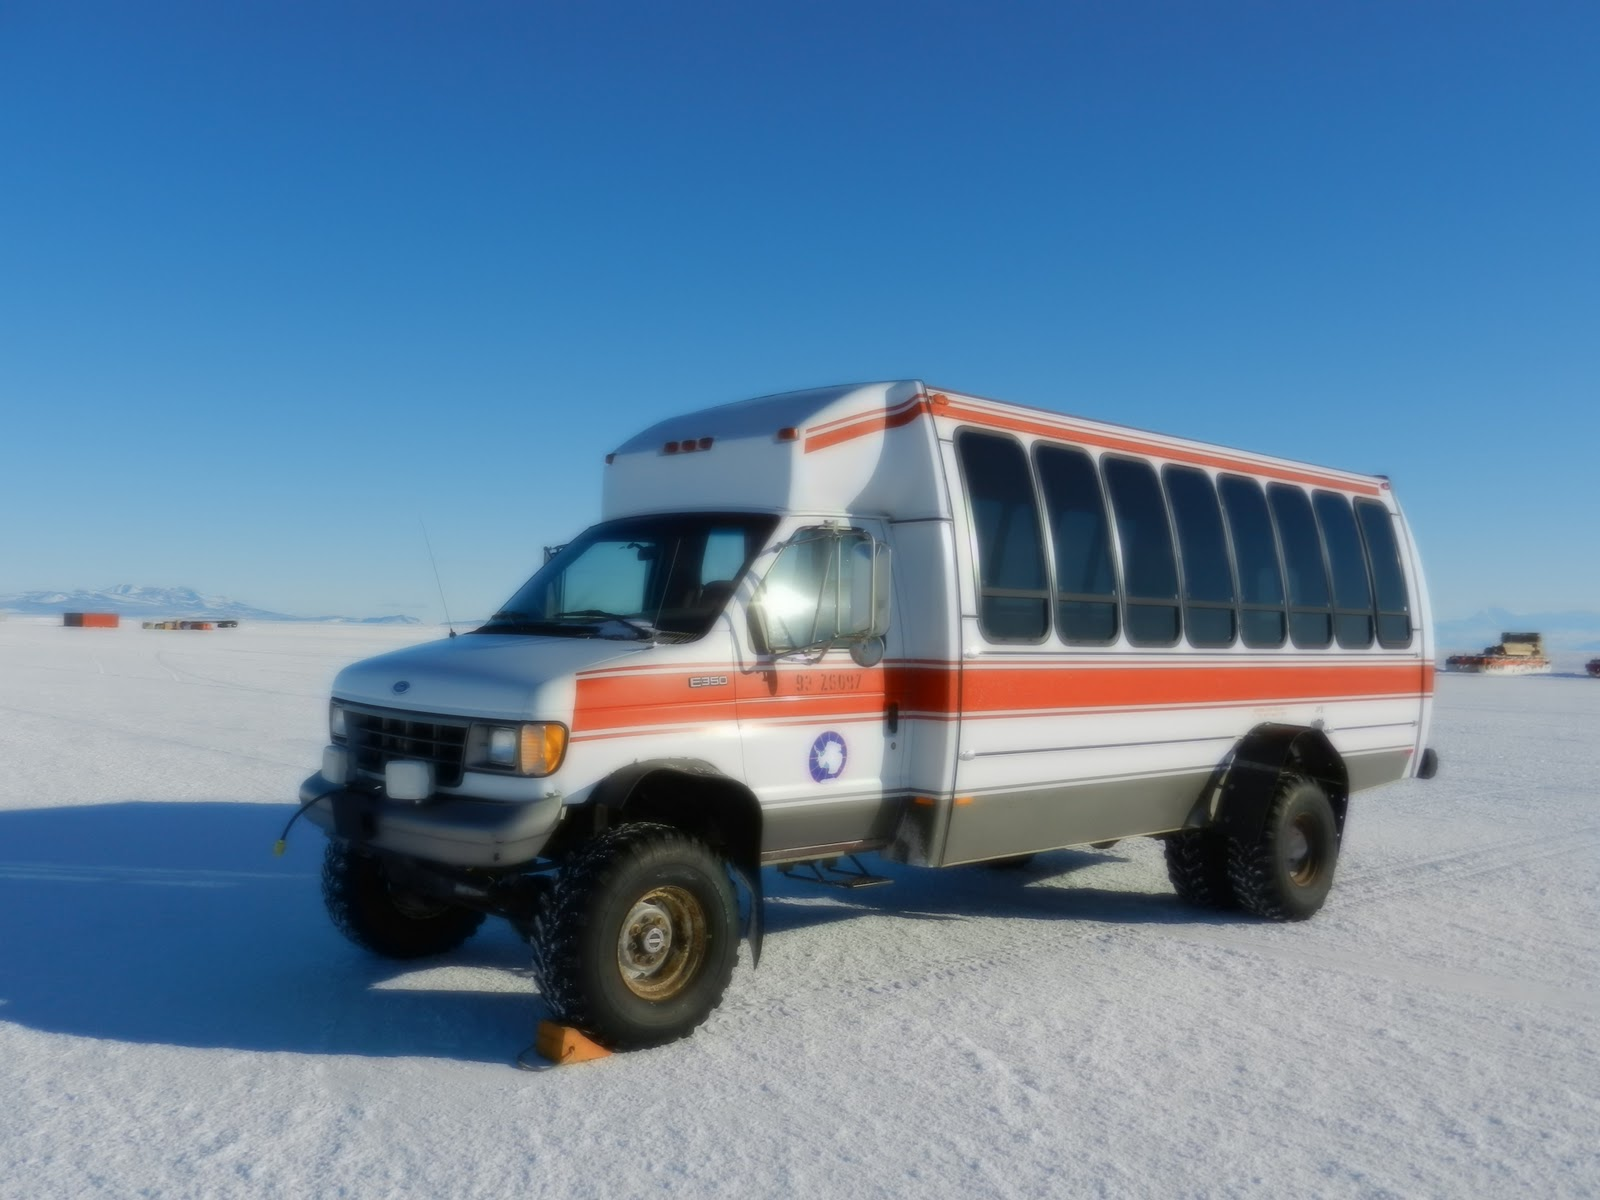 Quigley 4x4 Vans